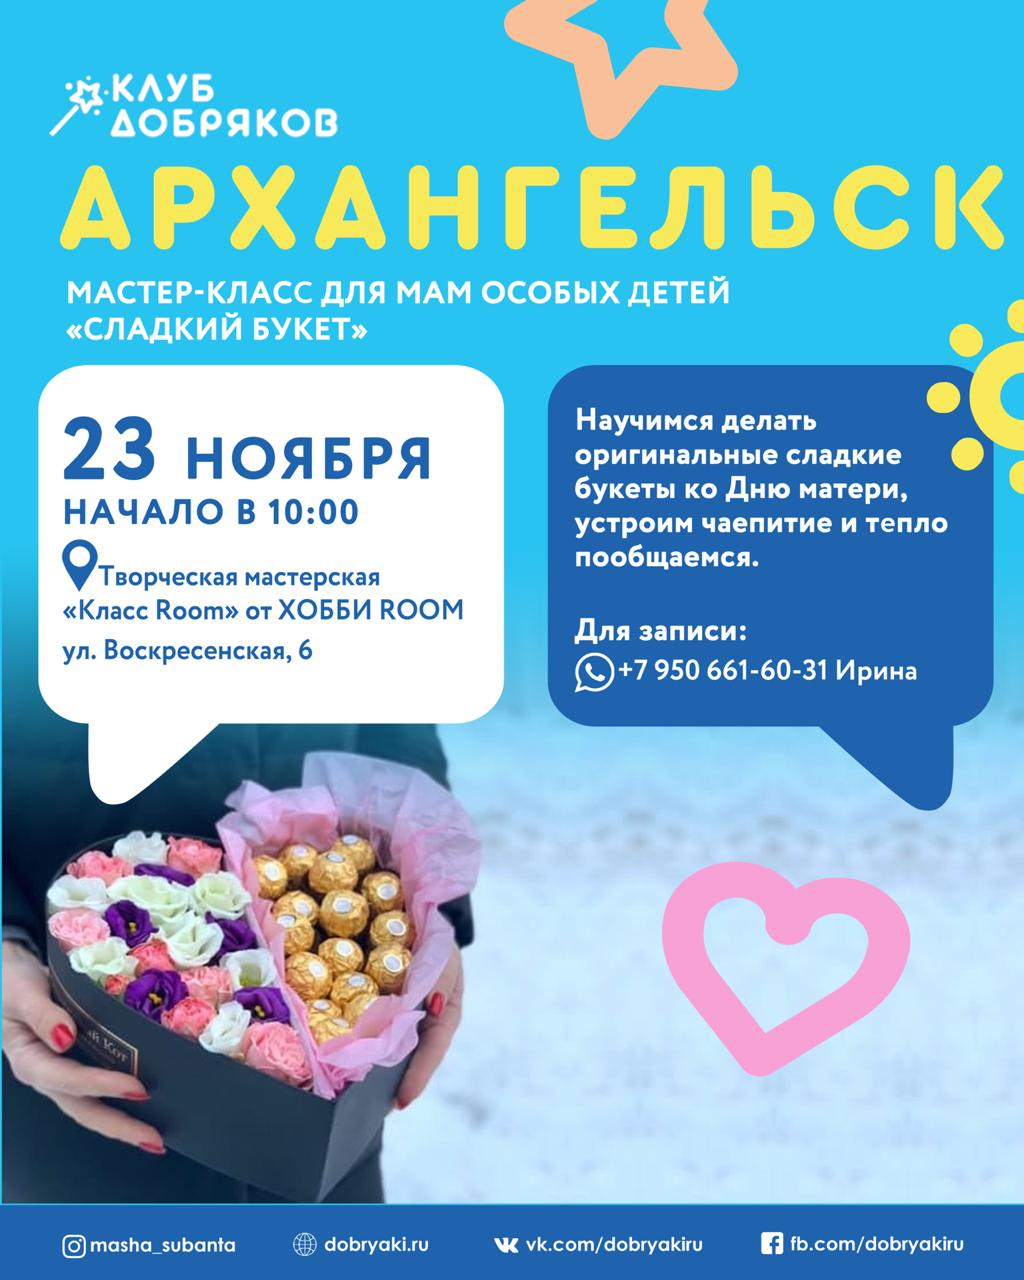 Добряки Архангельска поздравят мам особенных детей сладкими букетами